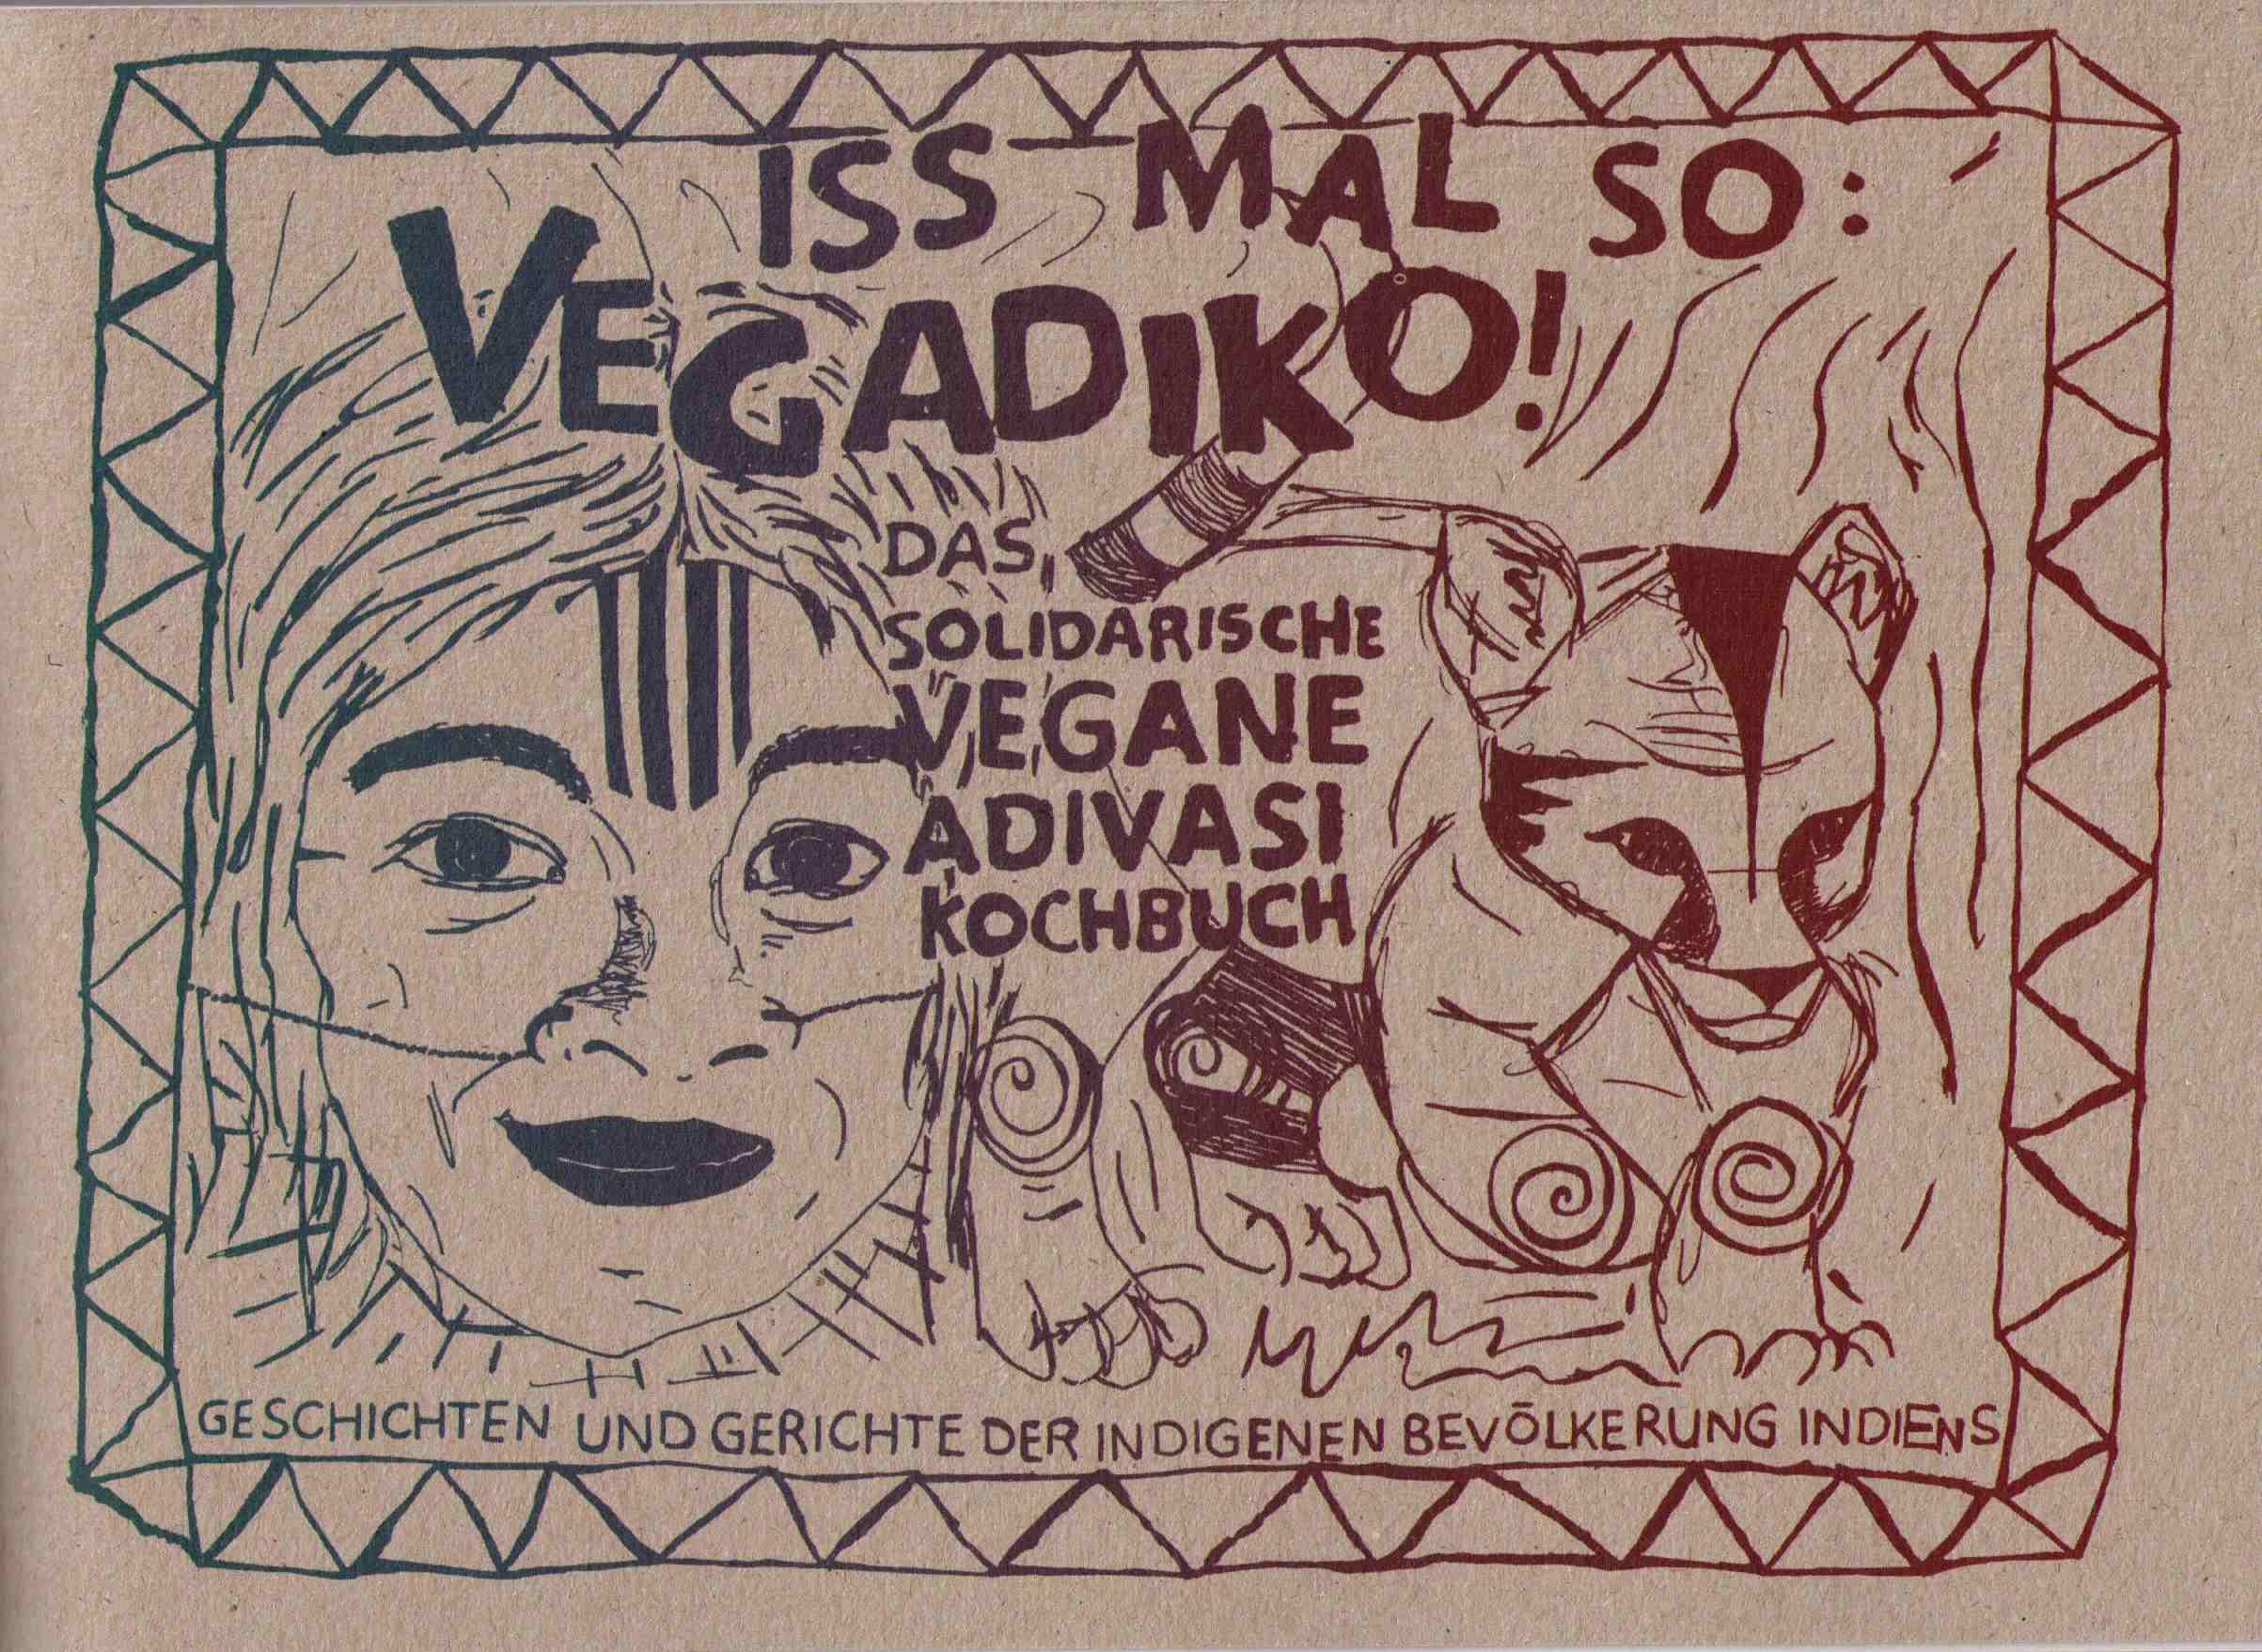 Vegadiko